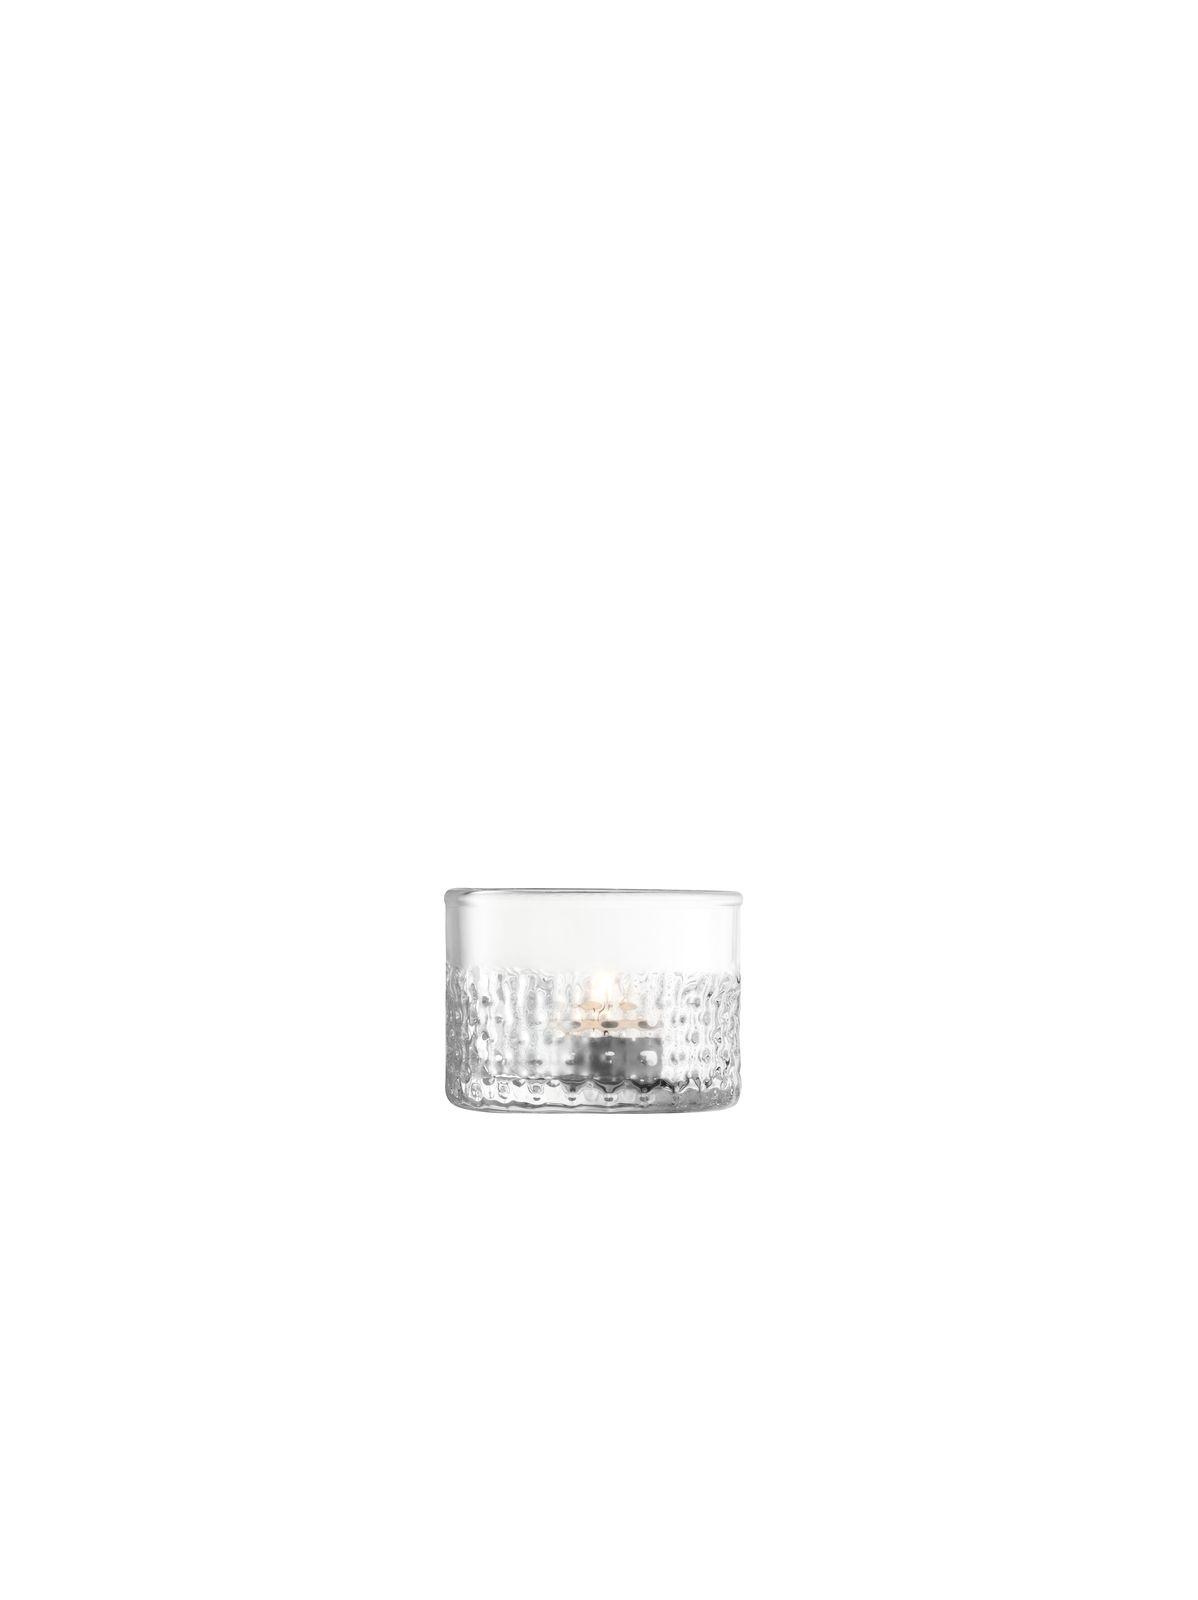 L.S.A. Wicker Theelicht Houder 6.5 cm